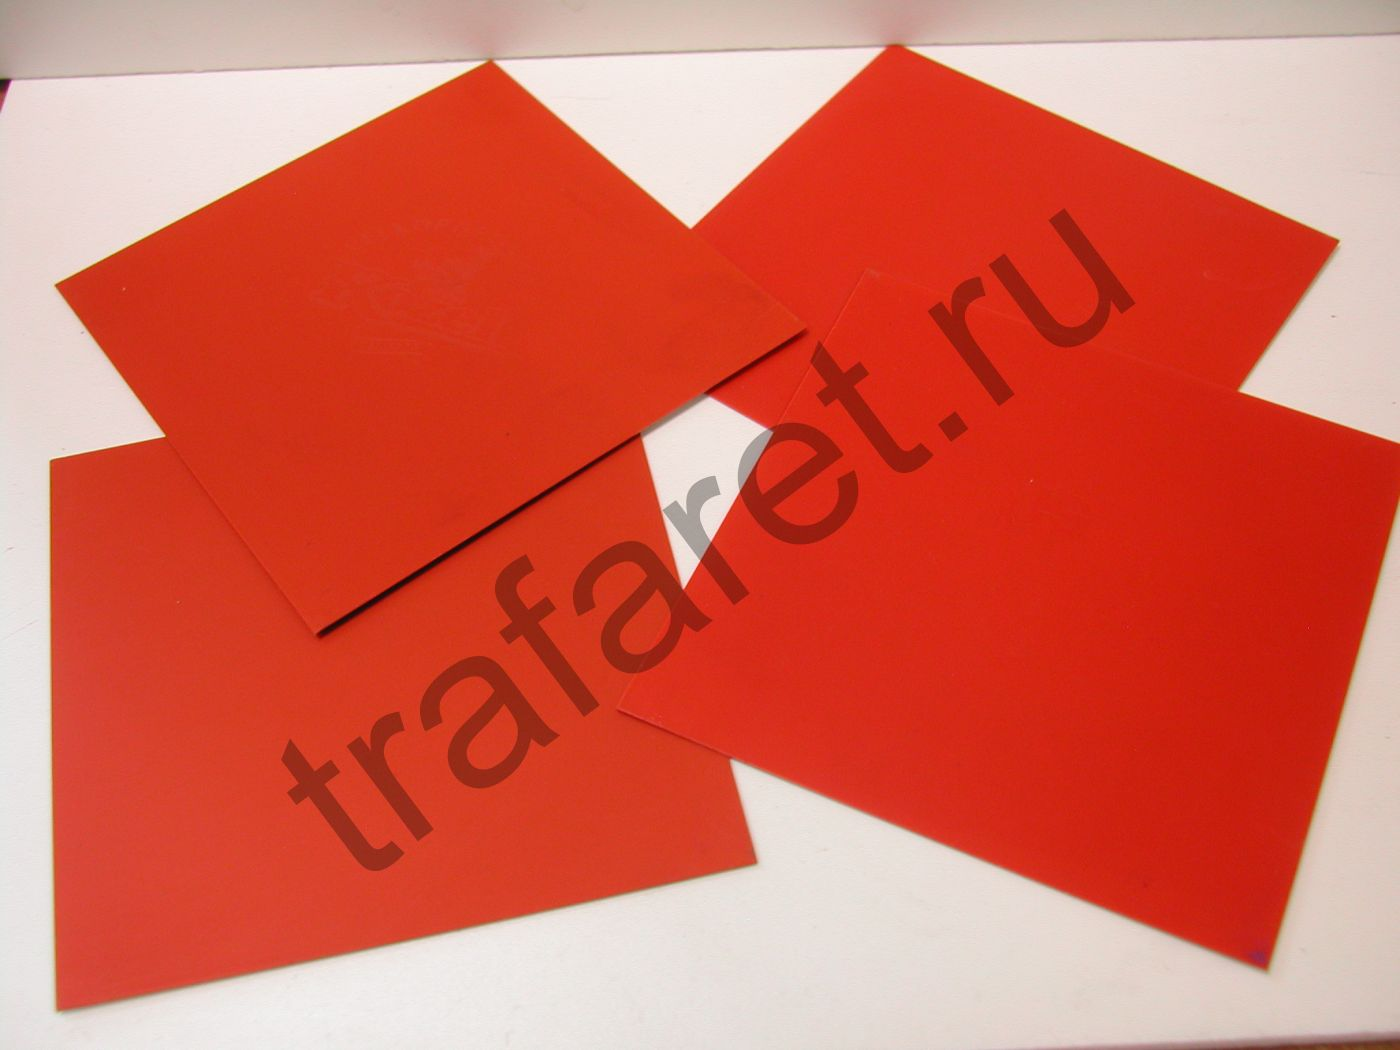 Пластины ф/п для тампонной печати (спиртовые) BASF K52 (ST52)